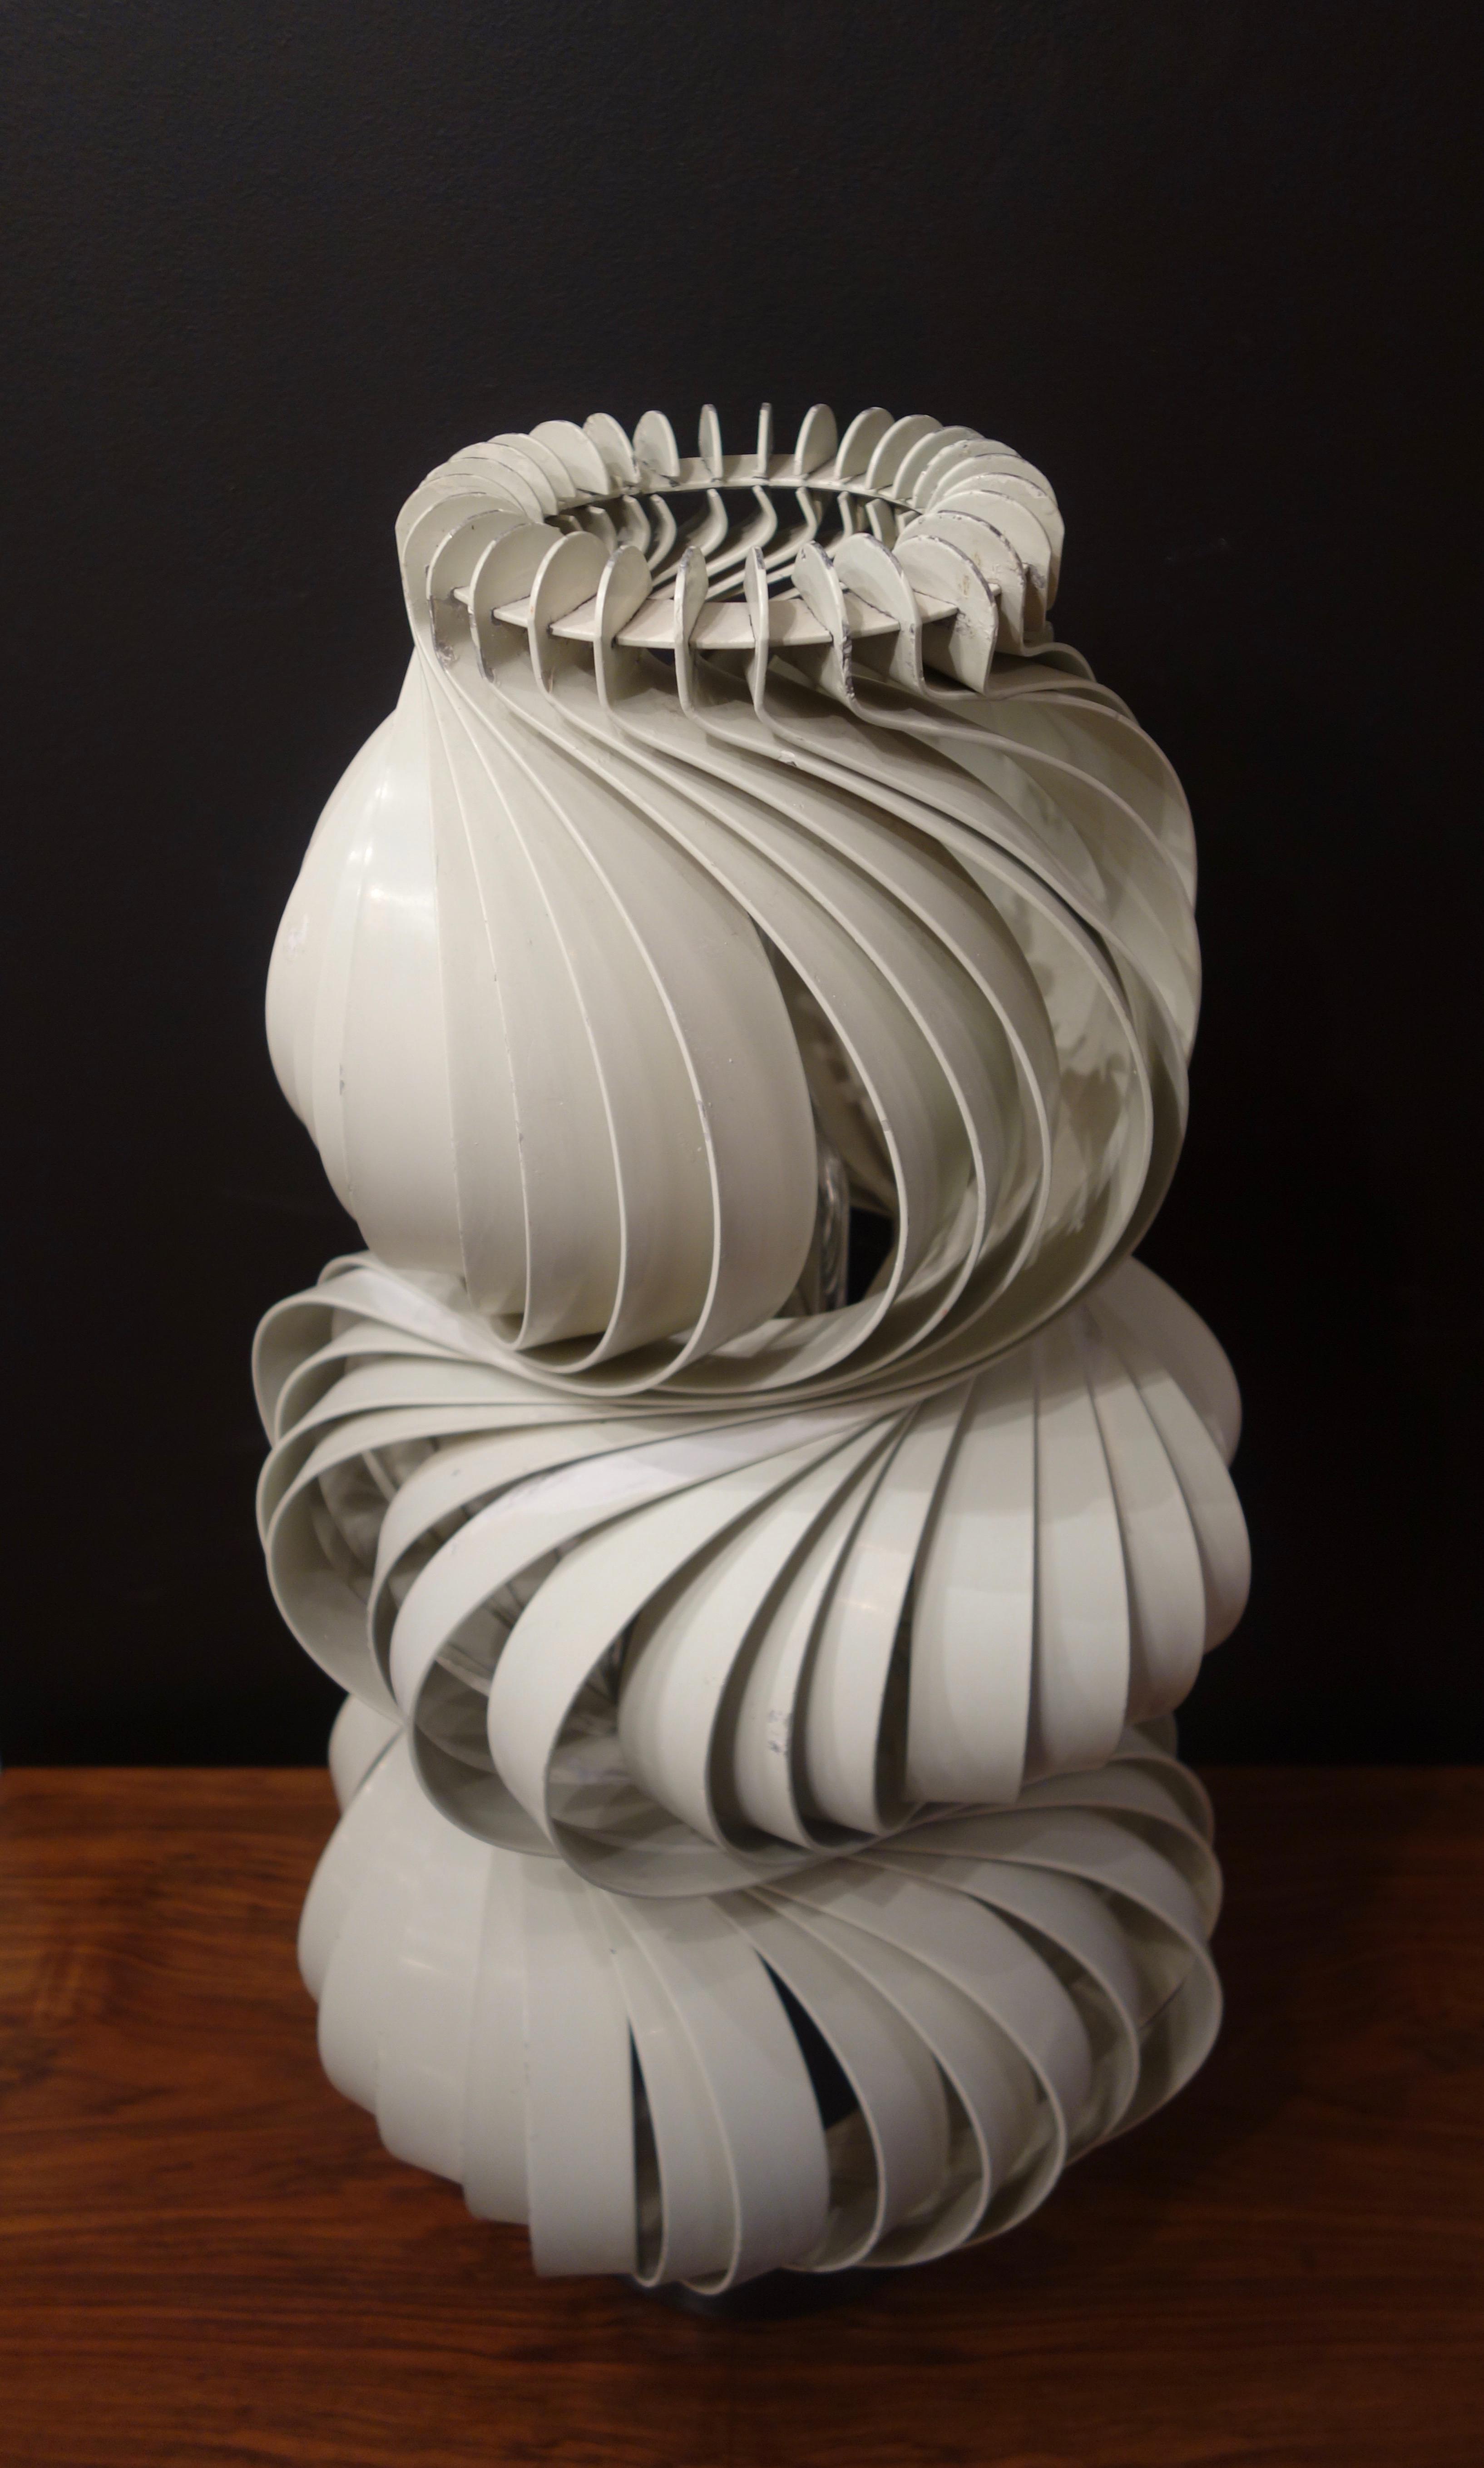 Lampe Médusa d'Olaf Von Bohr pour Valenti en 1968